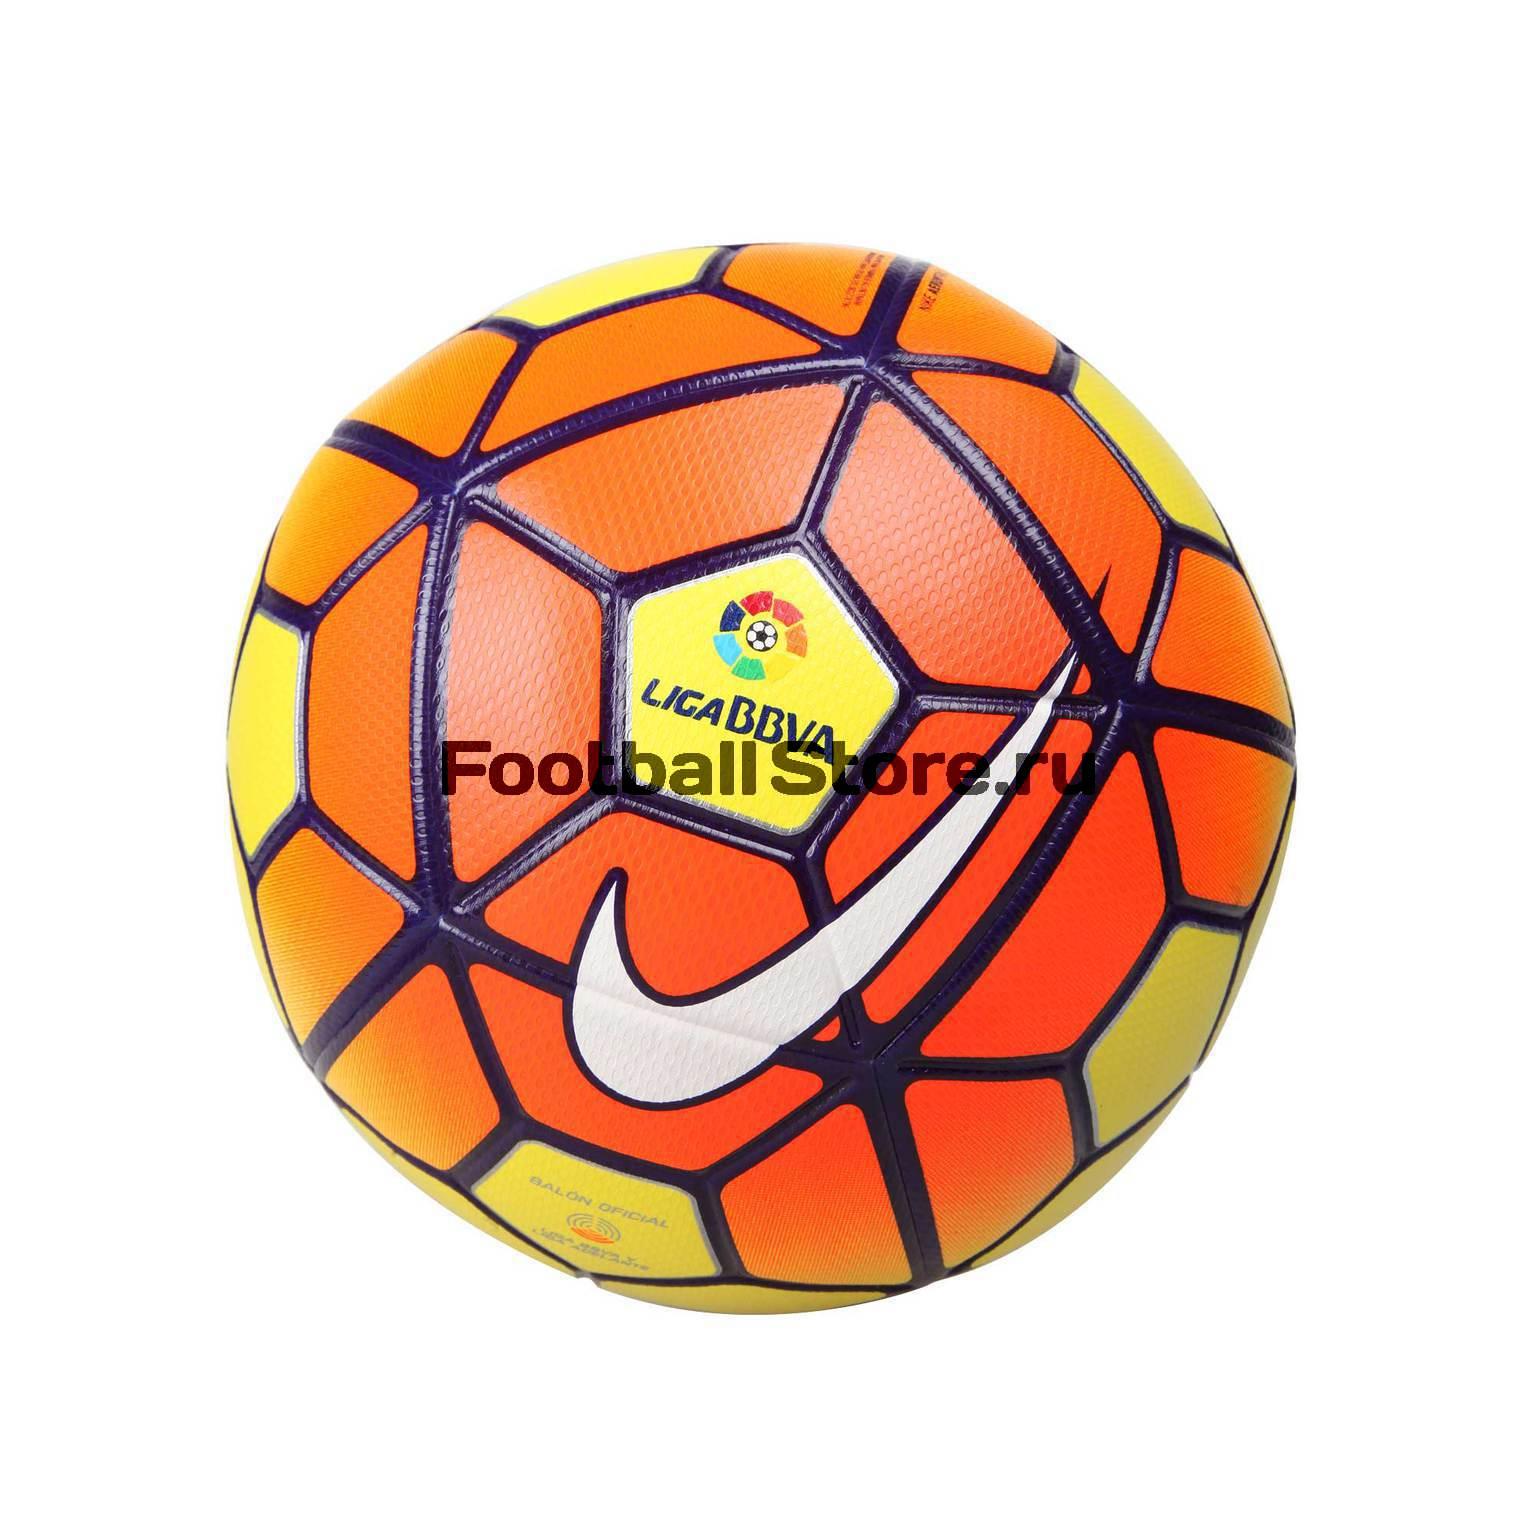 0e8e9194 ... Мяч футбольный Nike Ordem 3 LFP SC2719-790. О ТОВАРЕ; РАСЧЕТ ДОСТАВКИ